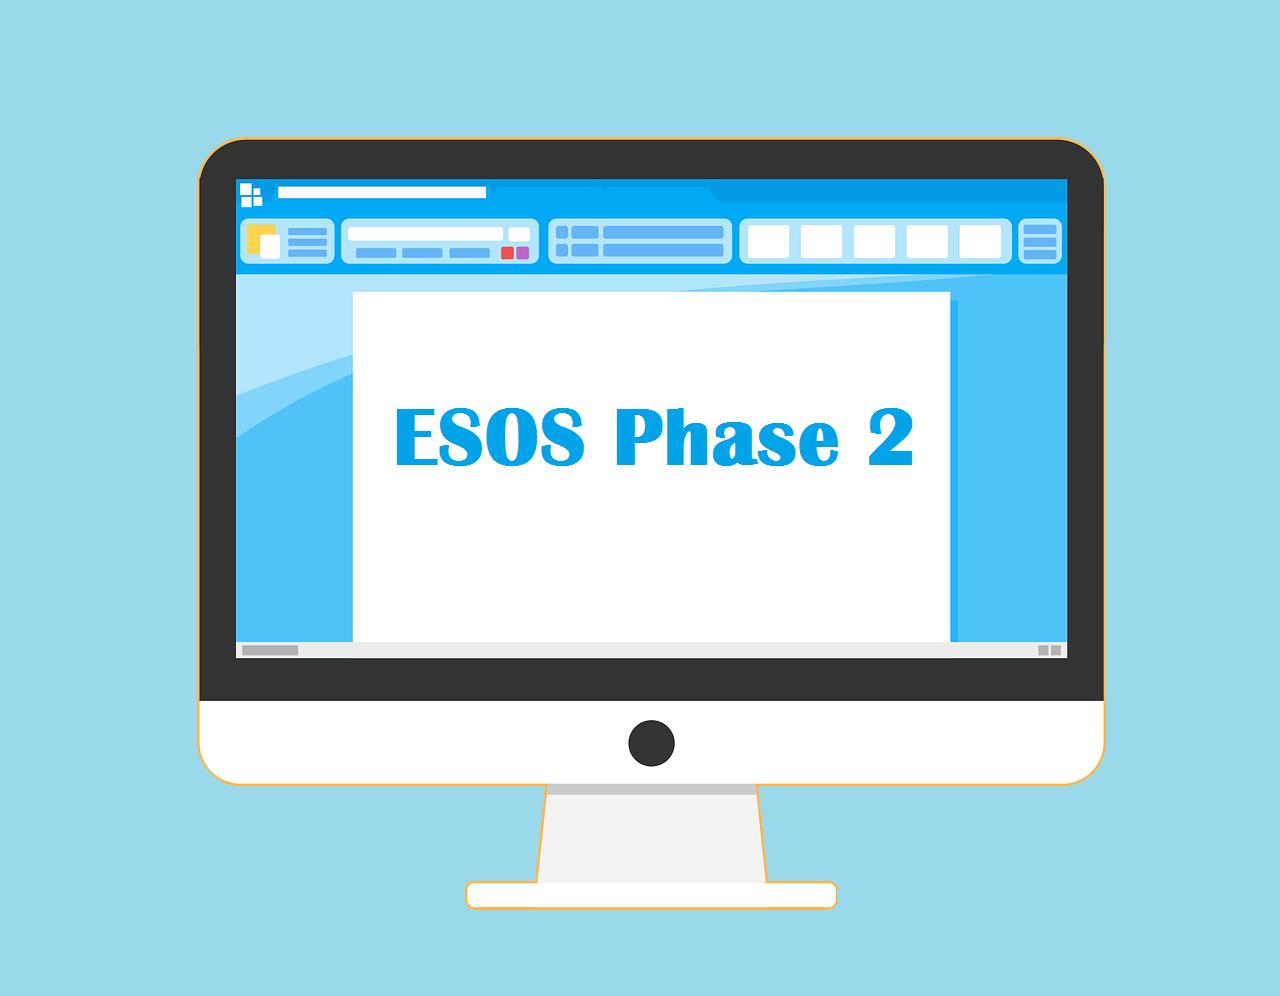 ESOS Phase 2